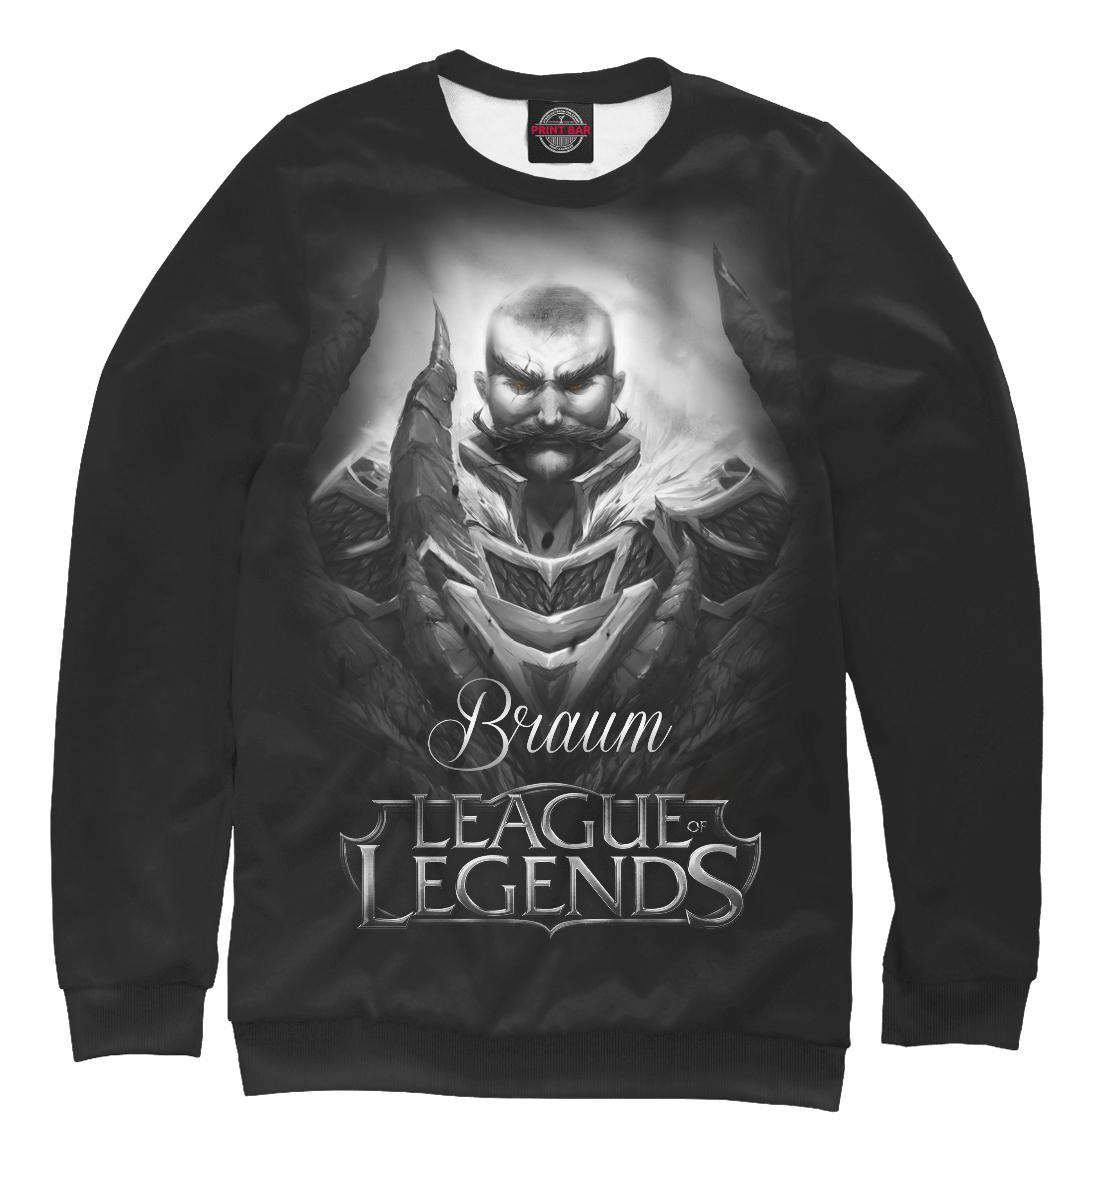 Купить League of Legends. Браум, Printbar, Свитшоты, LOL-927148-swi-2